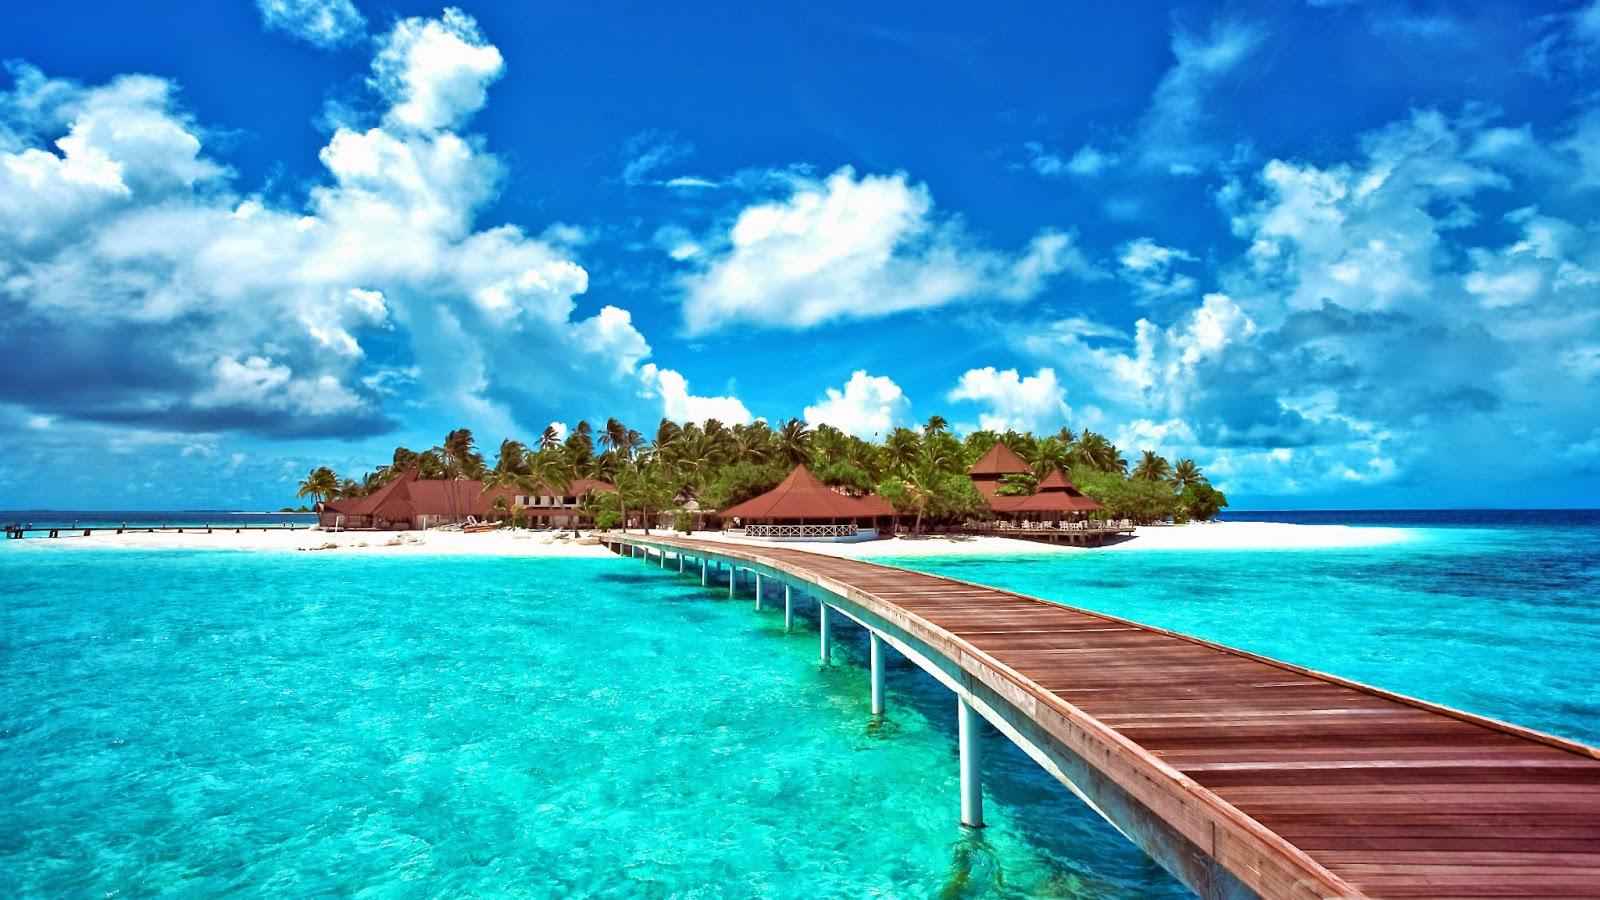 صورة صور طبيعيه جميله جدا , الجمال الساحر الطبيعى فى الصور